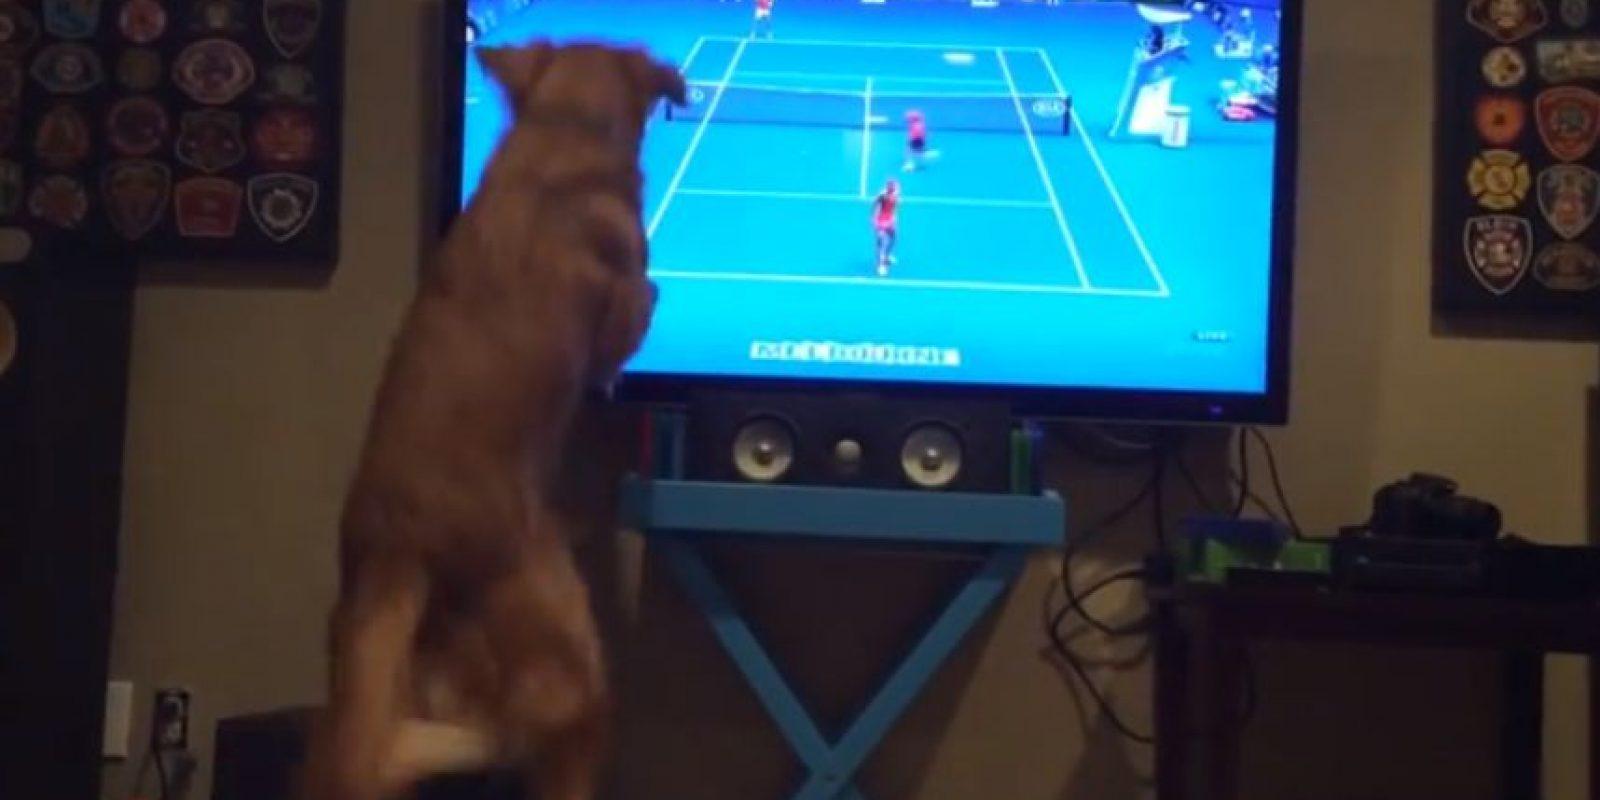 Georges no deja de saltar cuando ve el deporte blanco en la televisión Foto:Youtube: Bearaids